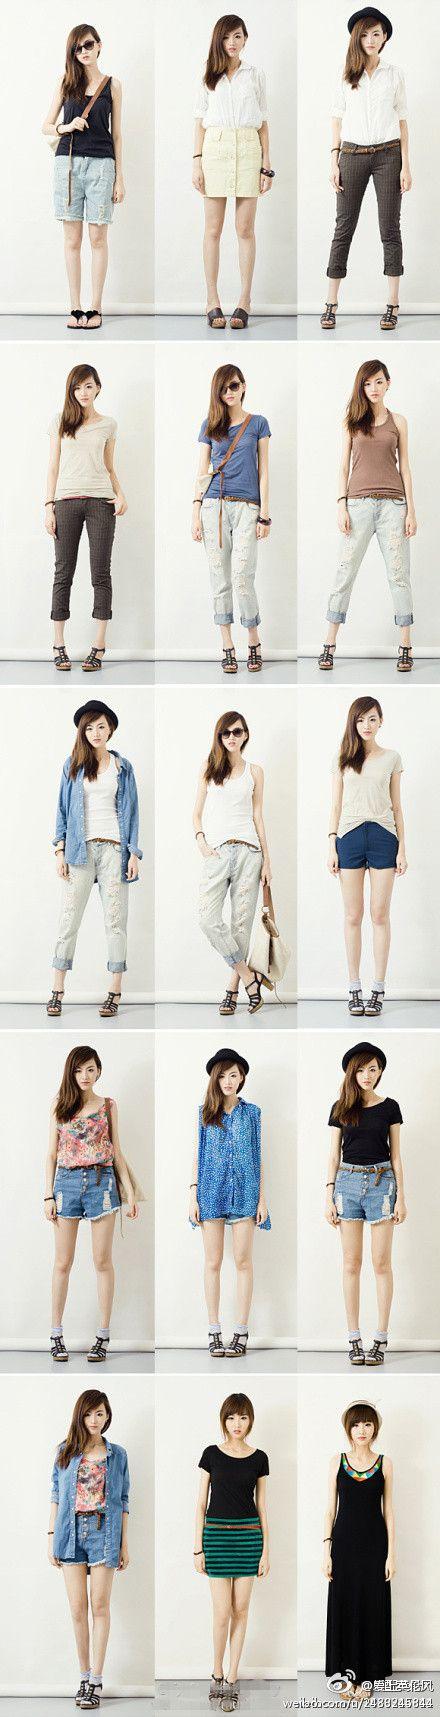 My style again~